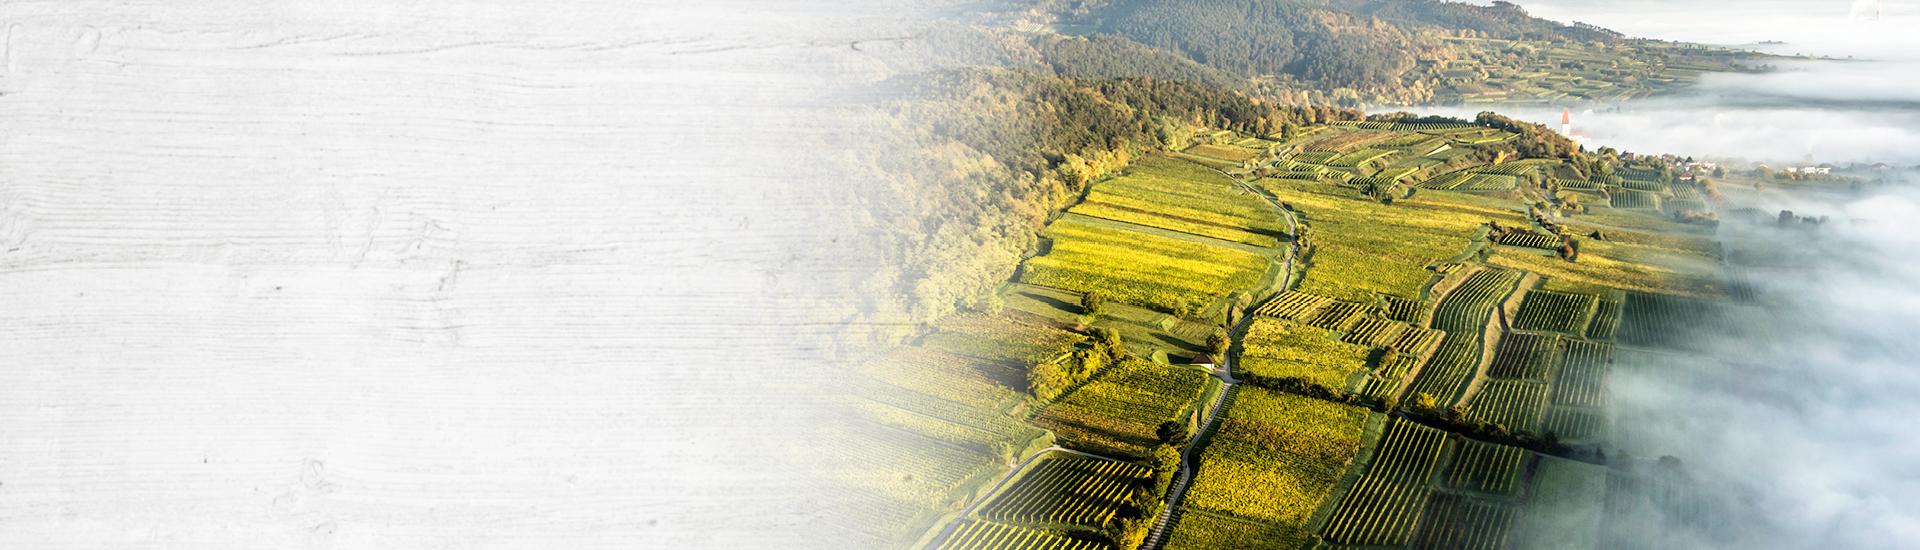 Weine - Vinorama on Tour: DAC-Weine aus dem Kamptal, Kremstal & Traisental 09/2017 - Slider